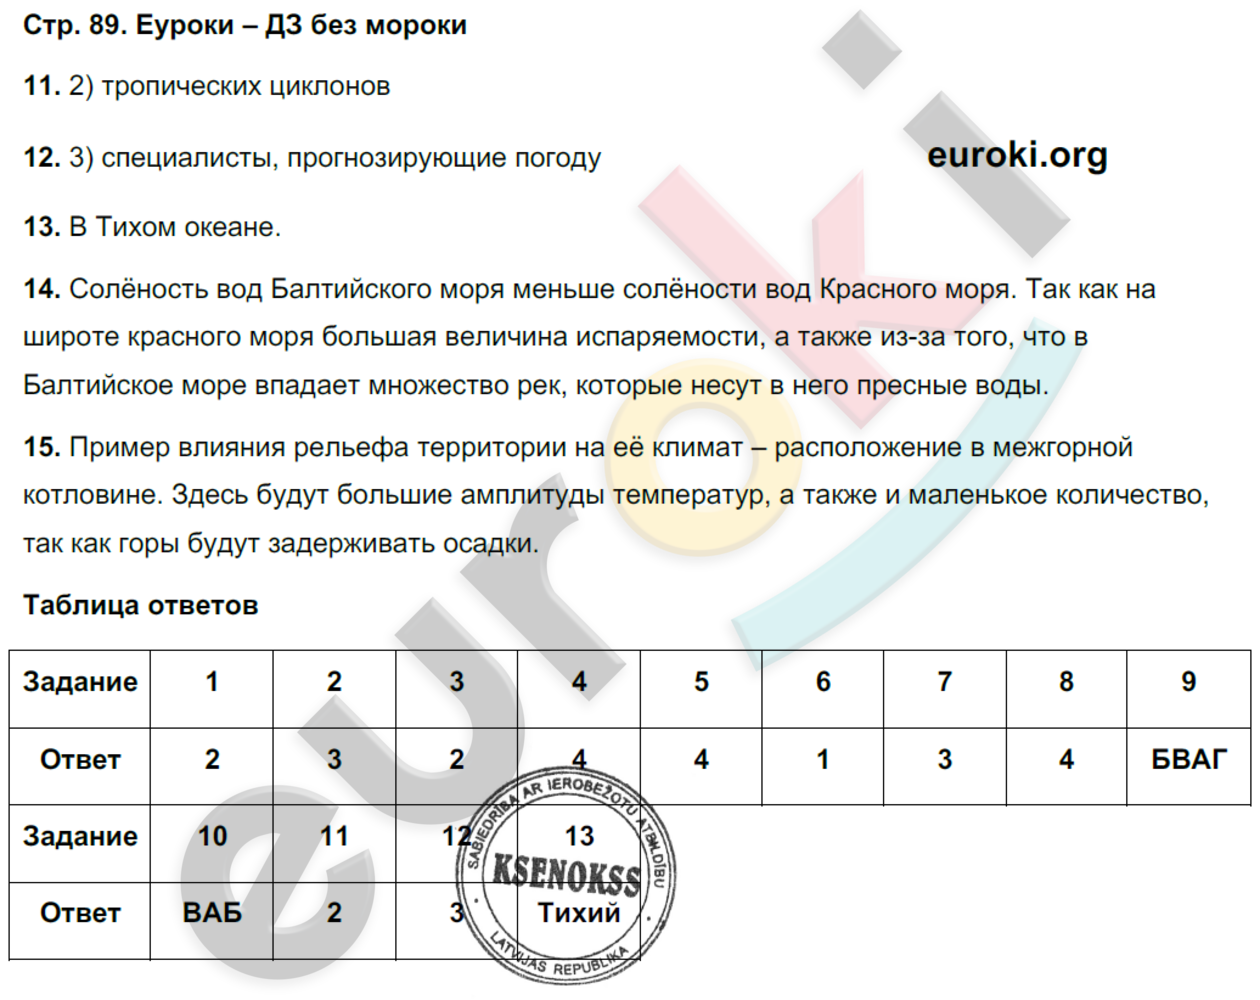 ГДЗ по географии 5 класс тетрадь экзаменатор Барабанов. Задание: стр. 89